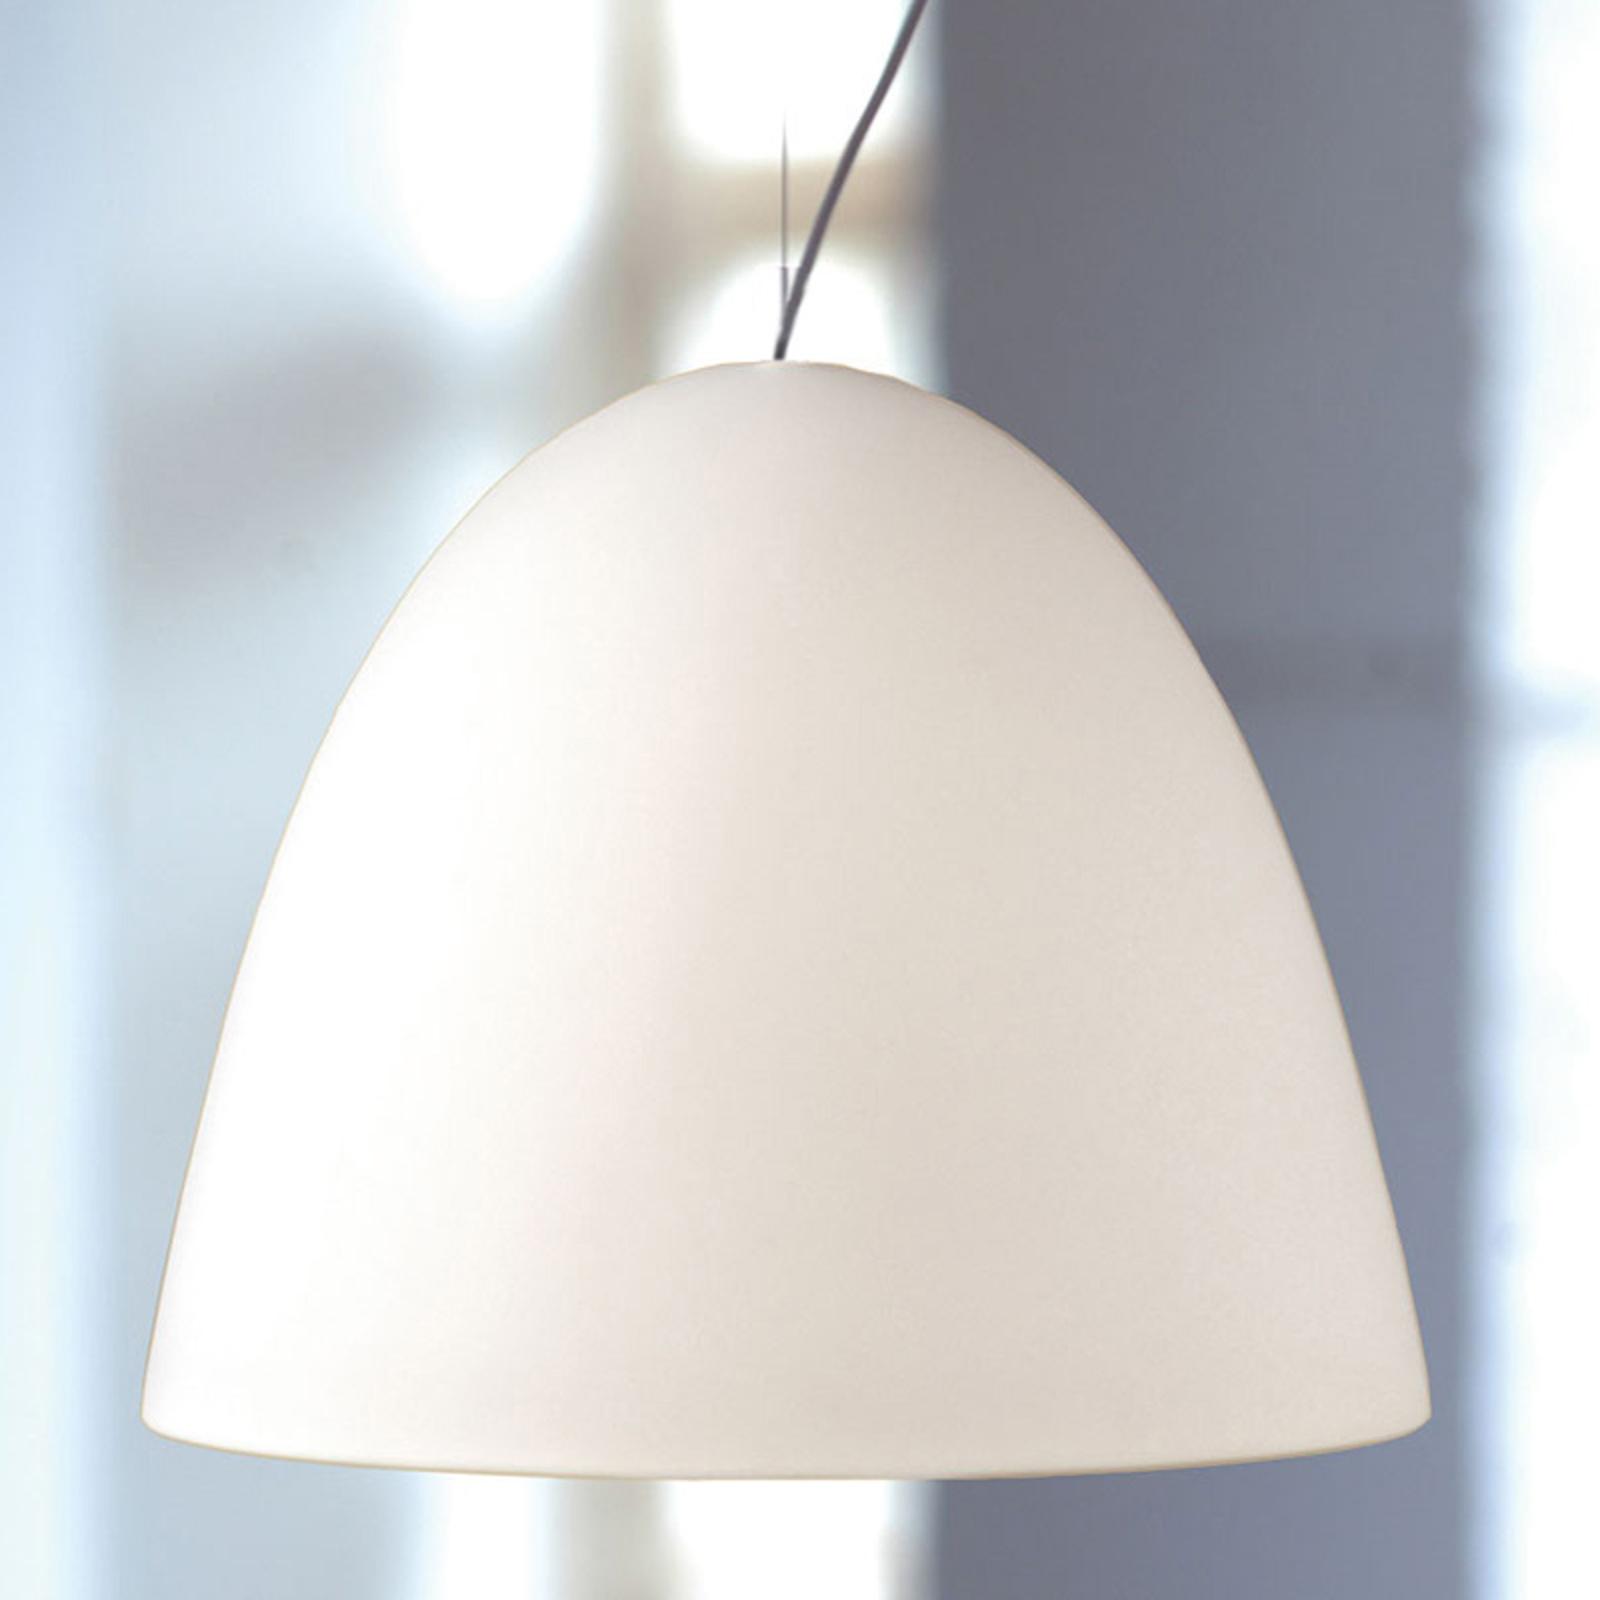 Hængelampe BELL, 30 cm, 1 lyskilde